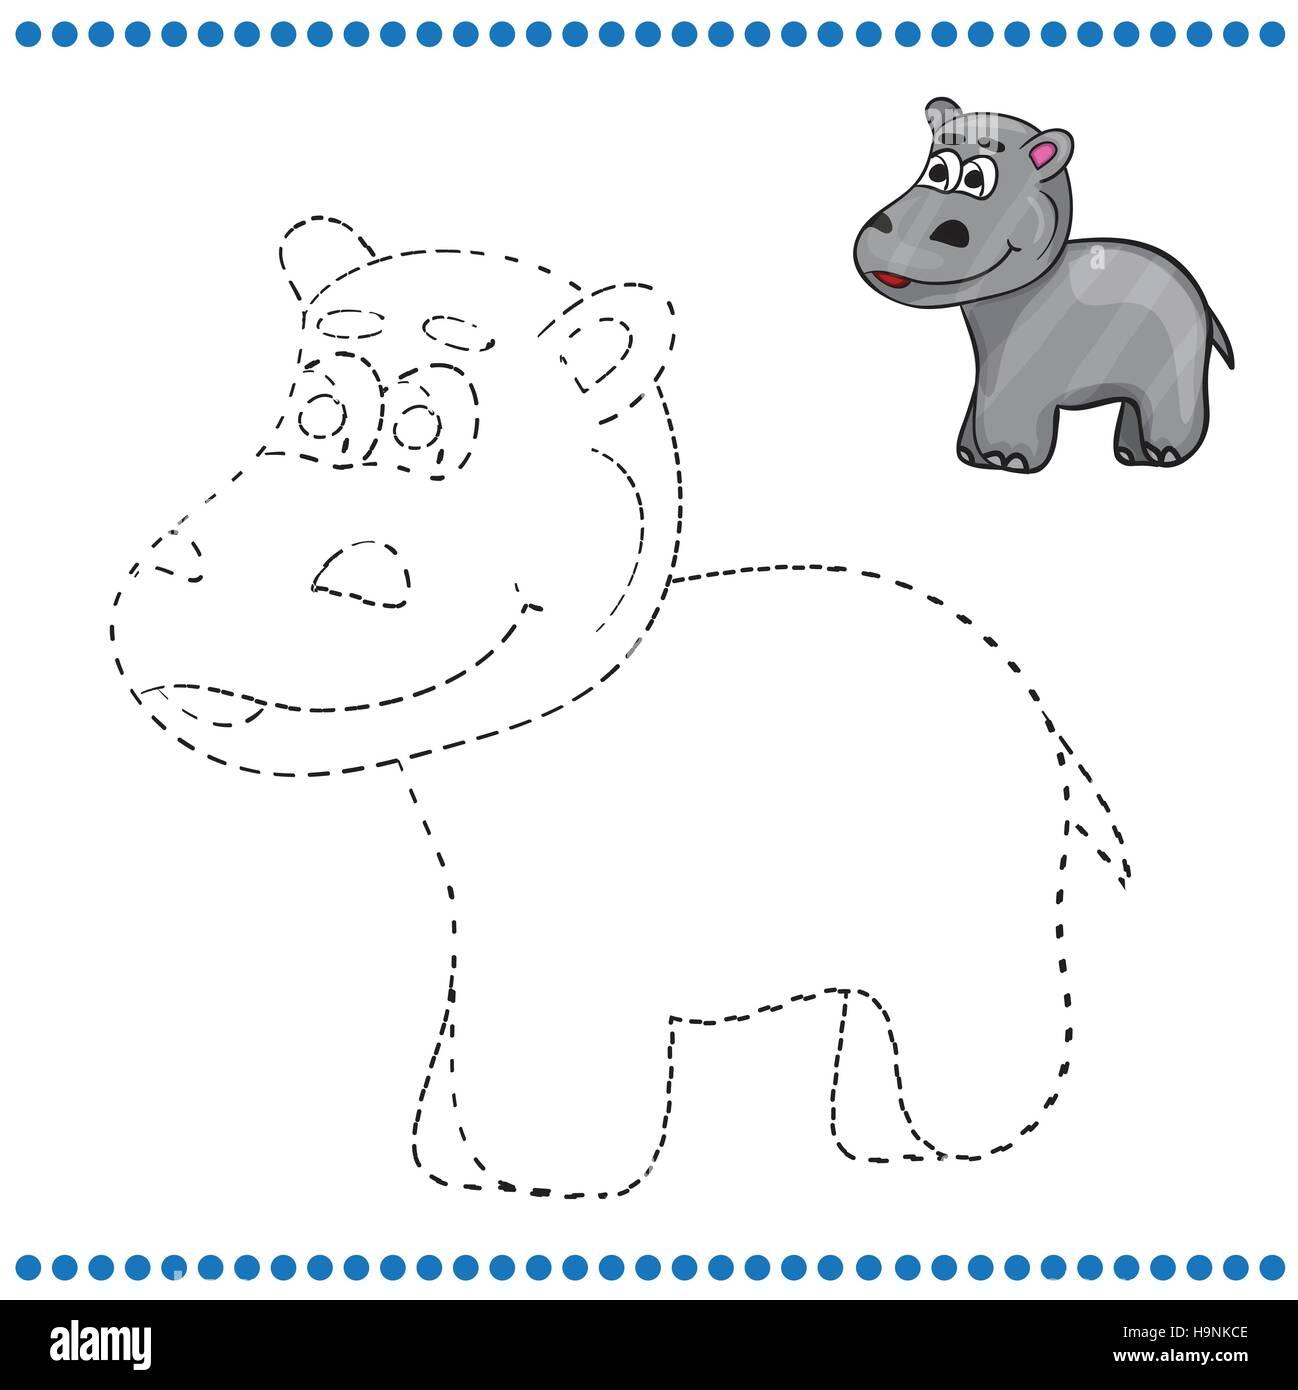 Atemberaubend Nilpferd Malvorlagen Für Kinder Fotos - Druckbare ...